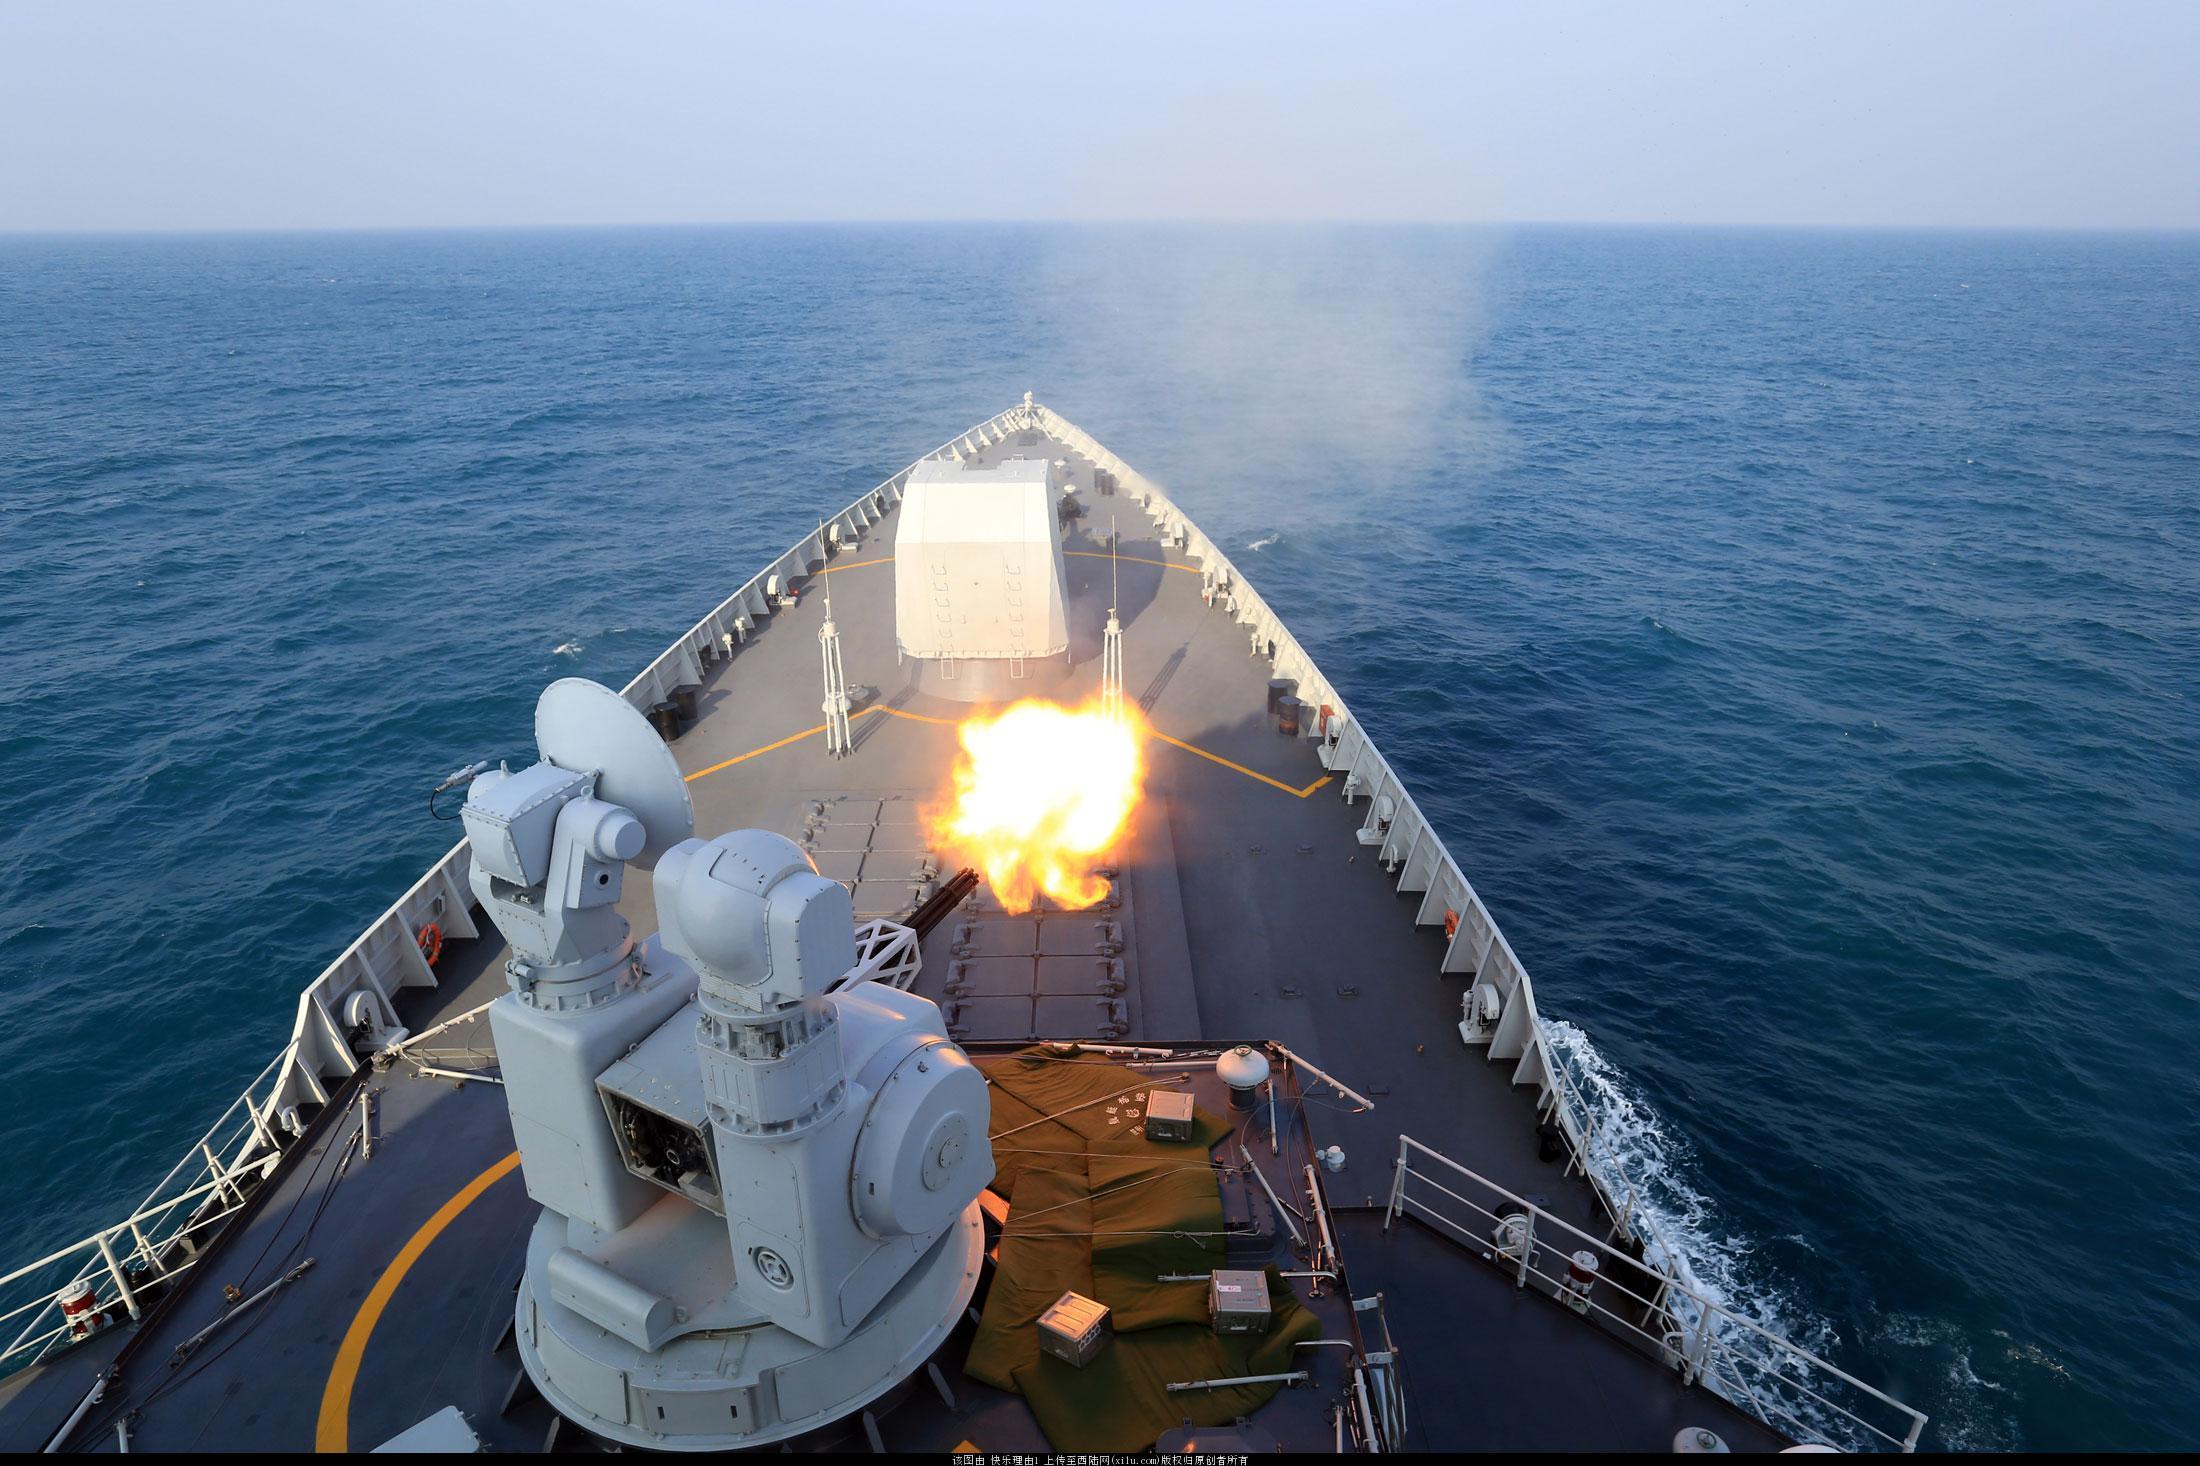 美军驱逐舰擅闯南海,解放军发出警告!中方卫星捕捉中美军舰同框